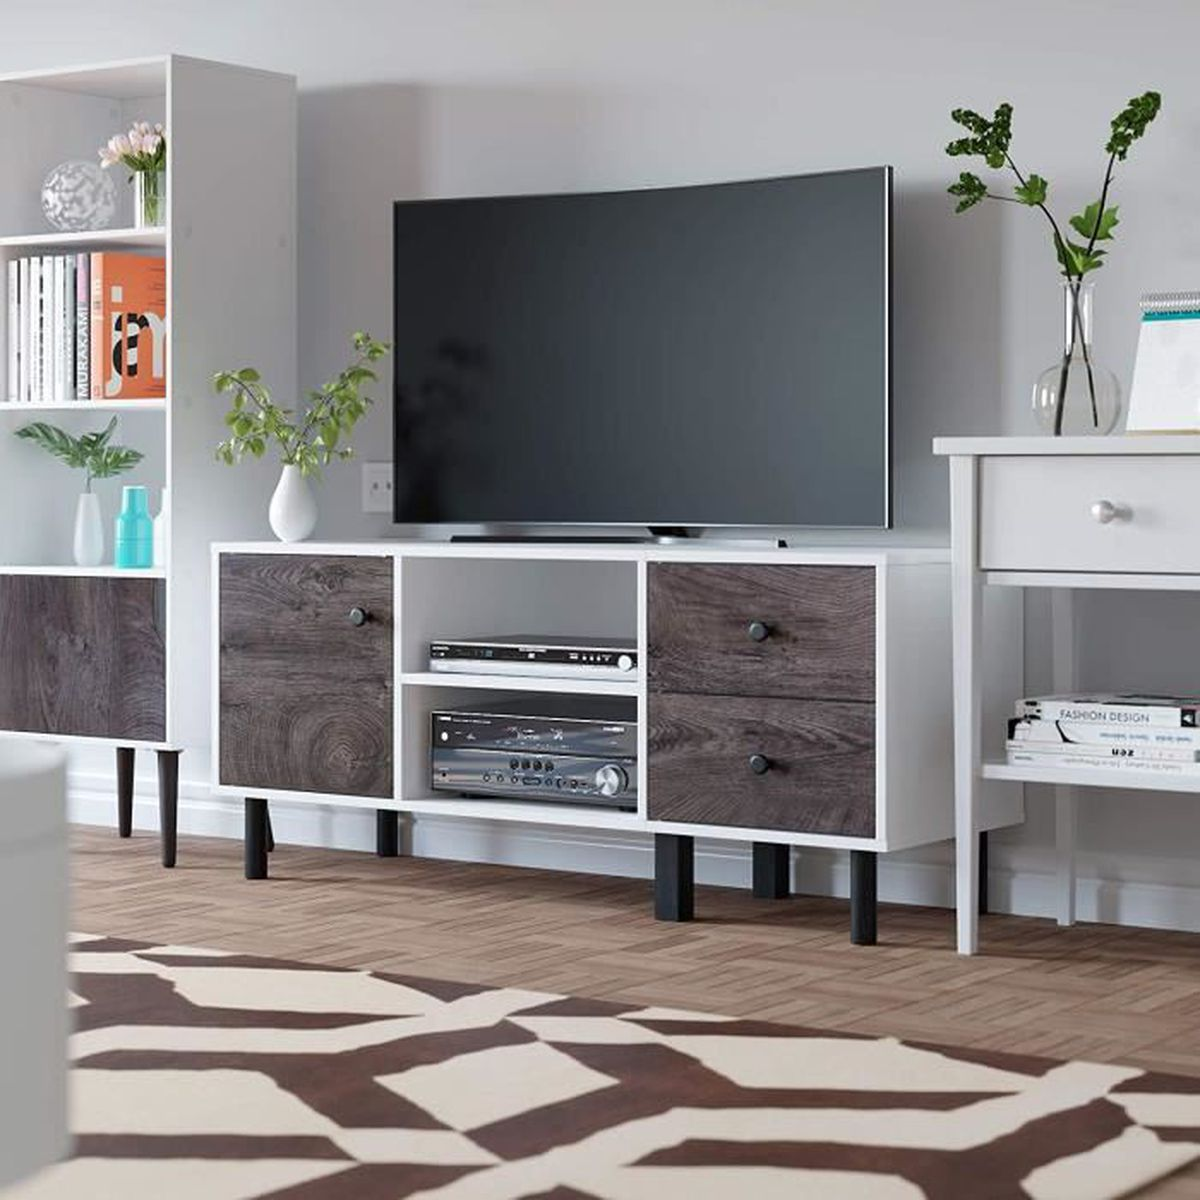 Meuble Tv De Salon homfa meuble tv table salon bas bois avec porte et etageres scandinave  television 119x40x52cm